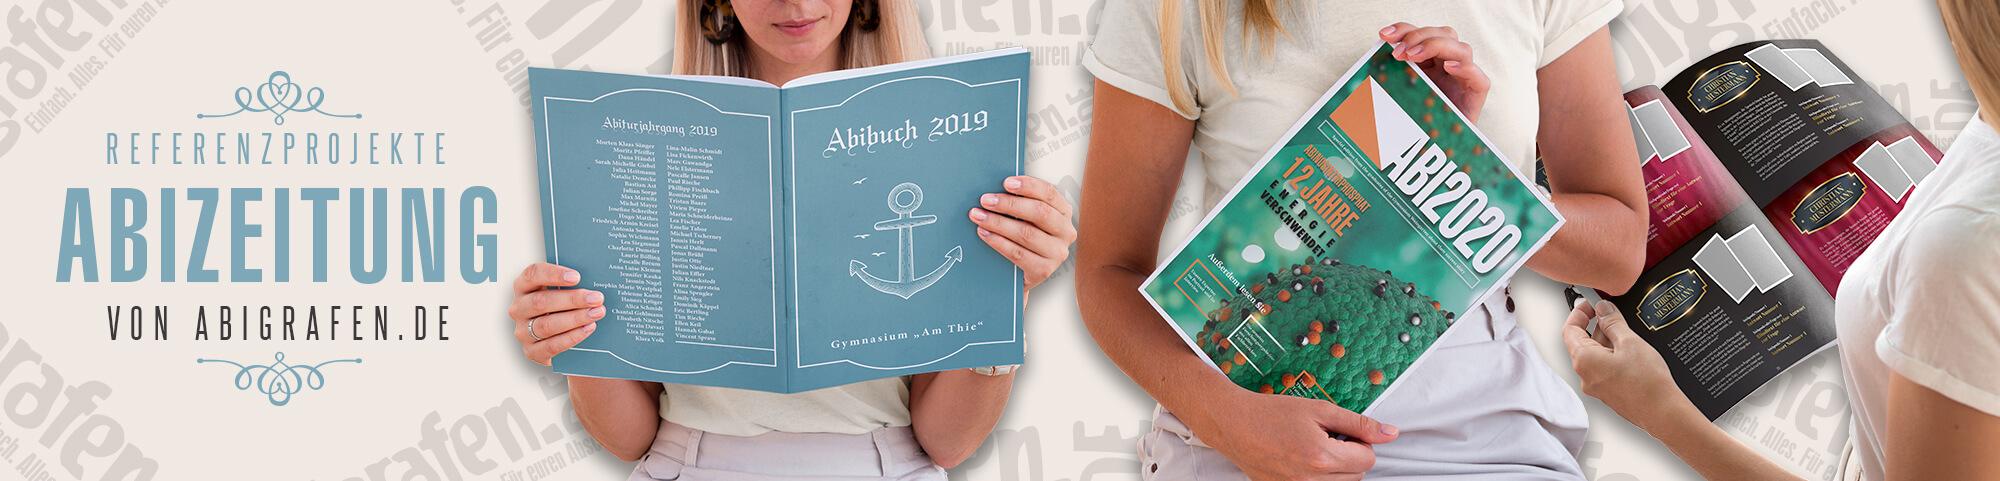 Abizeitung Layout: Unsere Beispielprojekte für verschiedene Abschlussklassen (Musterseiten Abibuch, Beispiele für komplette Gestaltung, Inspirationsquellen)